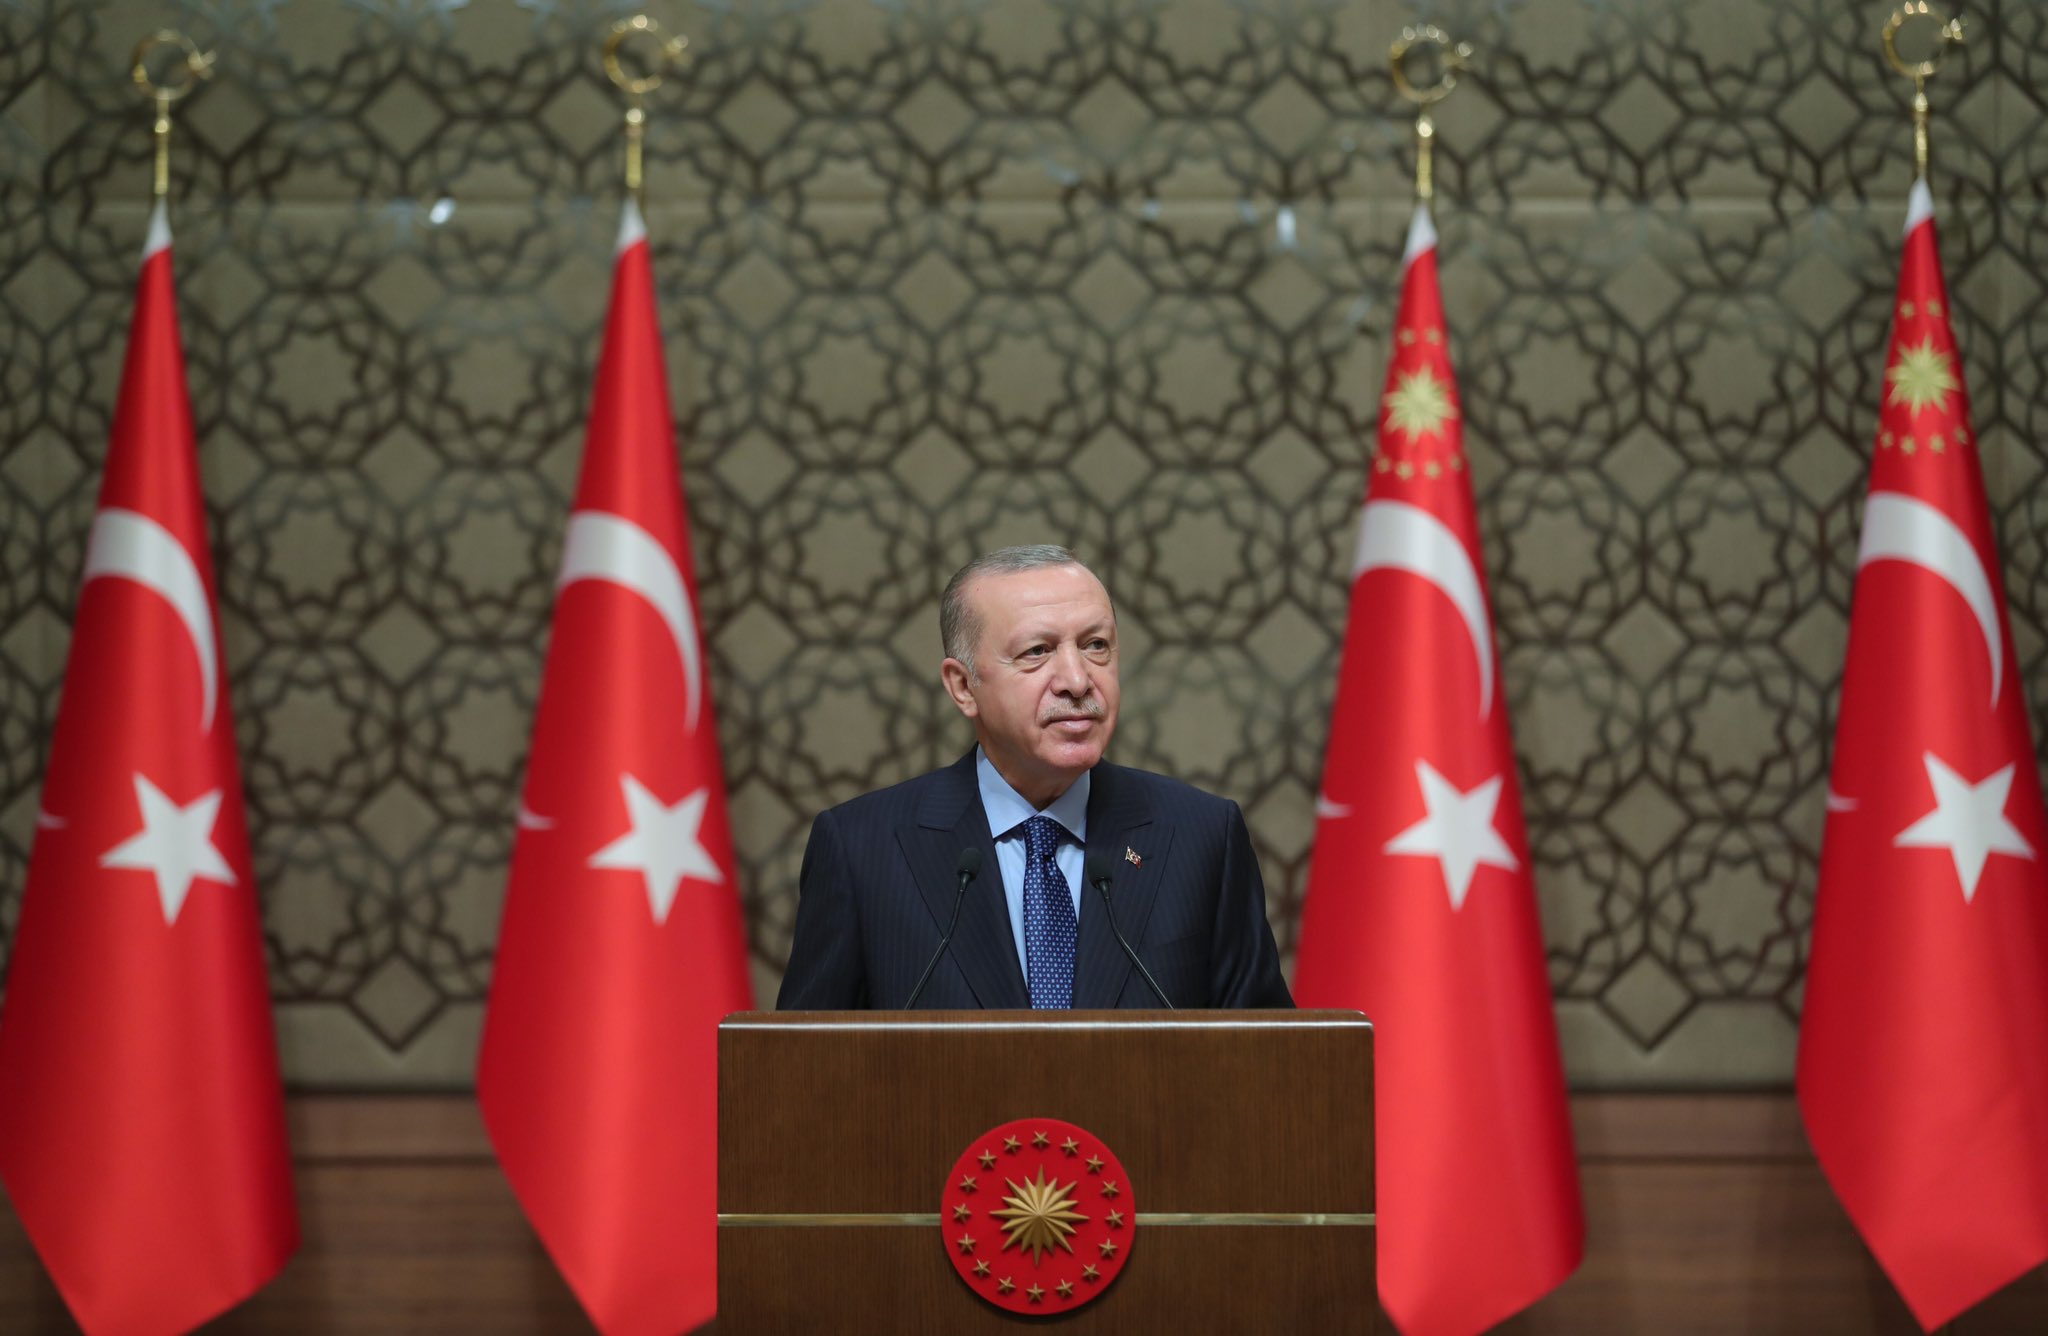 Cumhurbaşkanı Erdoğan'dan çarpıcı CHP yorumu: Parçalanmaya başladılar